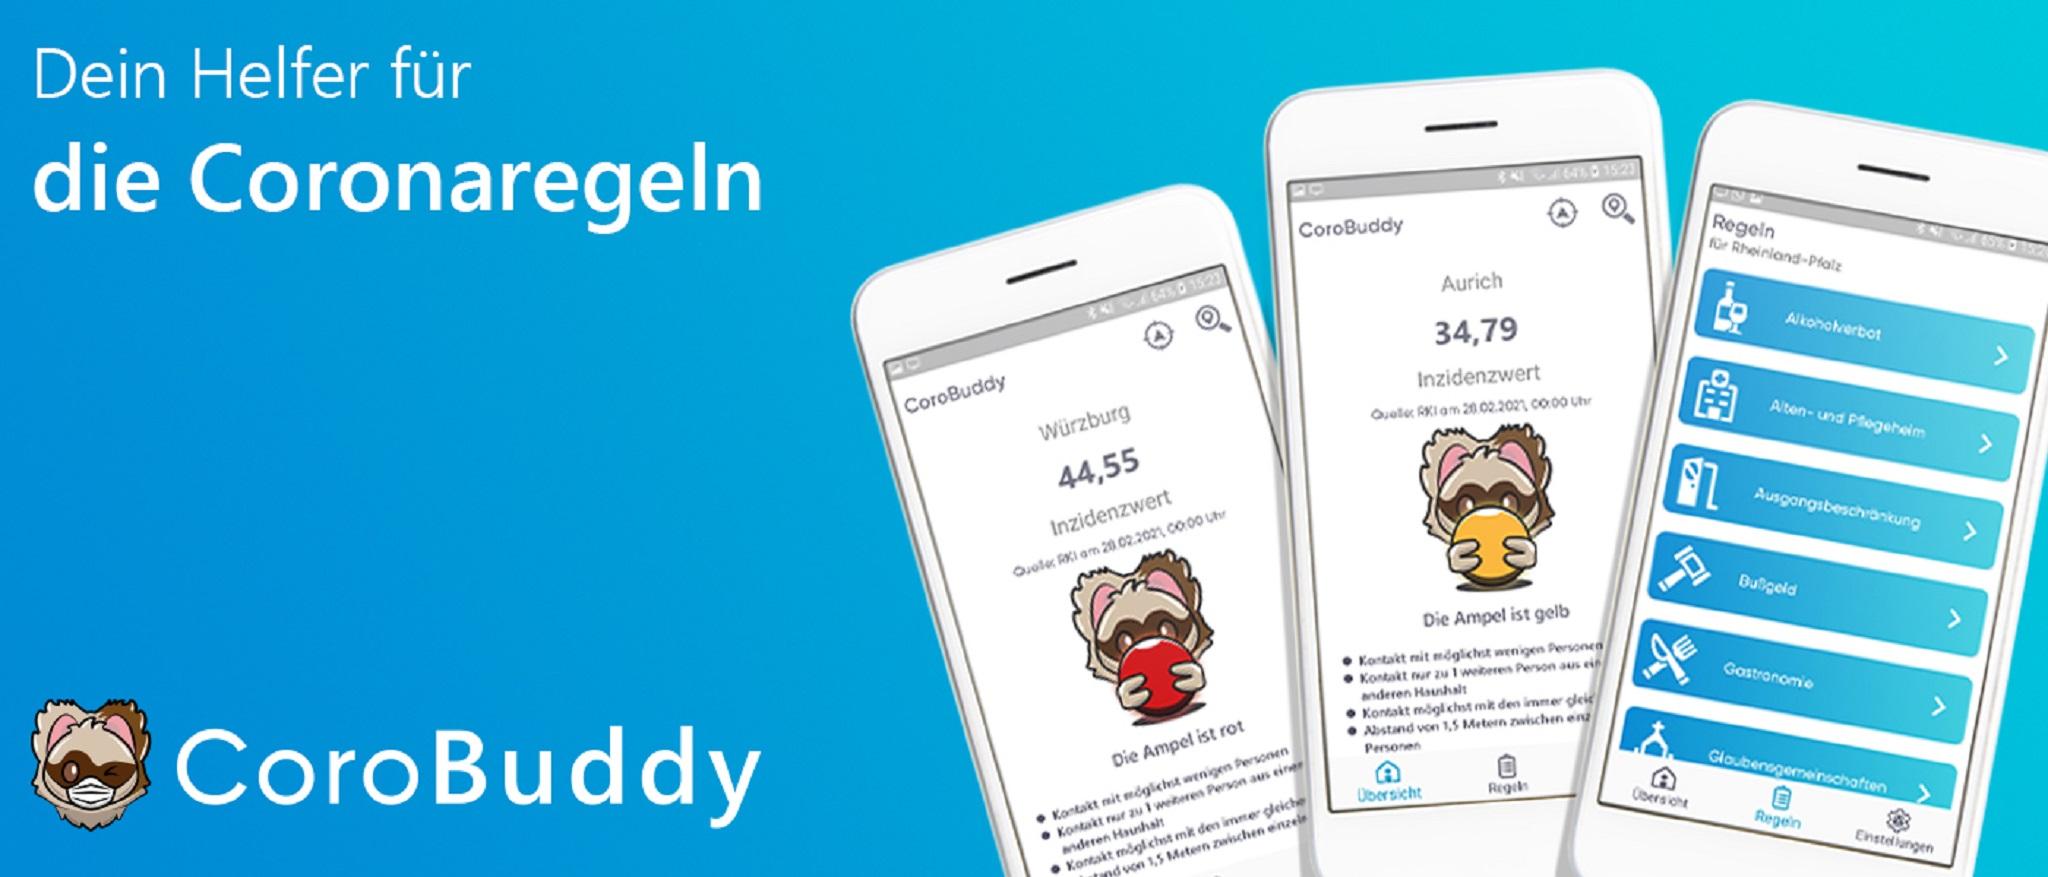 Einblicke in die App CoroBuddy. Foto: CoroBuddy